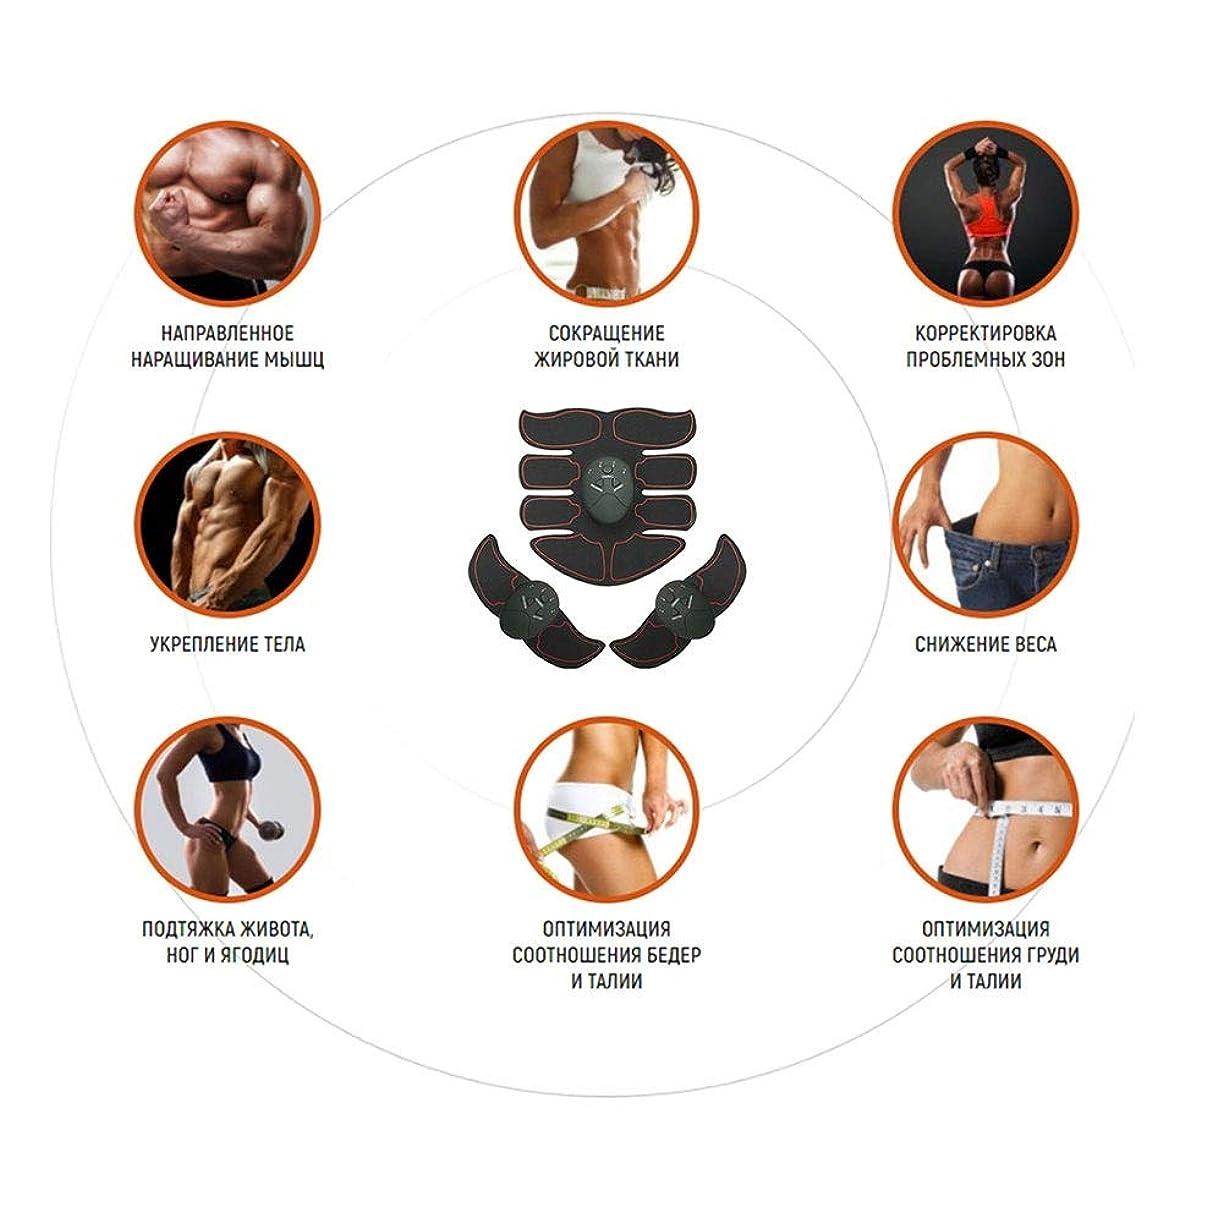 慈善特定の蒸留するModenny フィットネスEMS筋刺激器筋肉痩身筋刺激器電気ワイヤレス腹部ベルトトレーニング装置腹筋刺激装置 (Color : 赤)